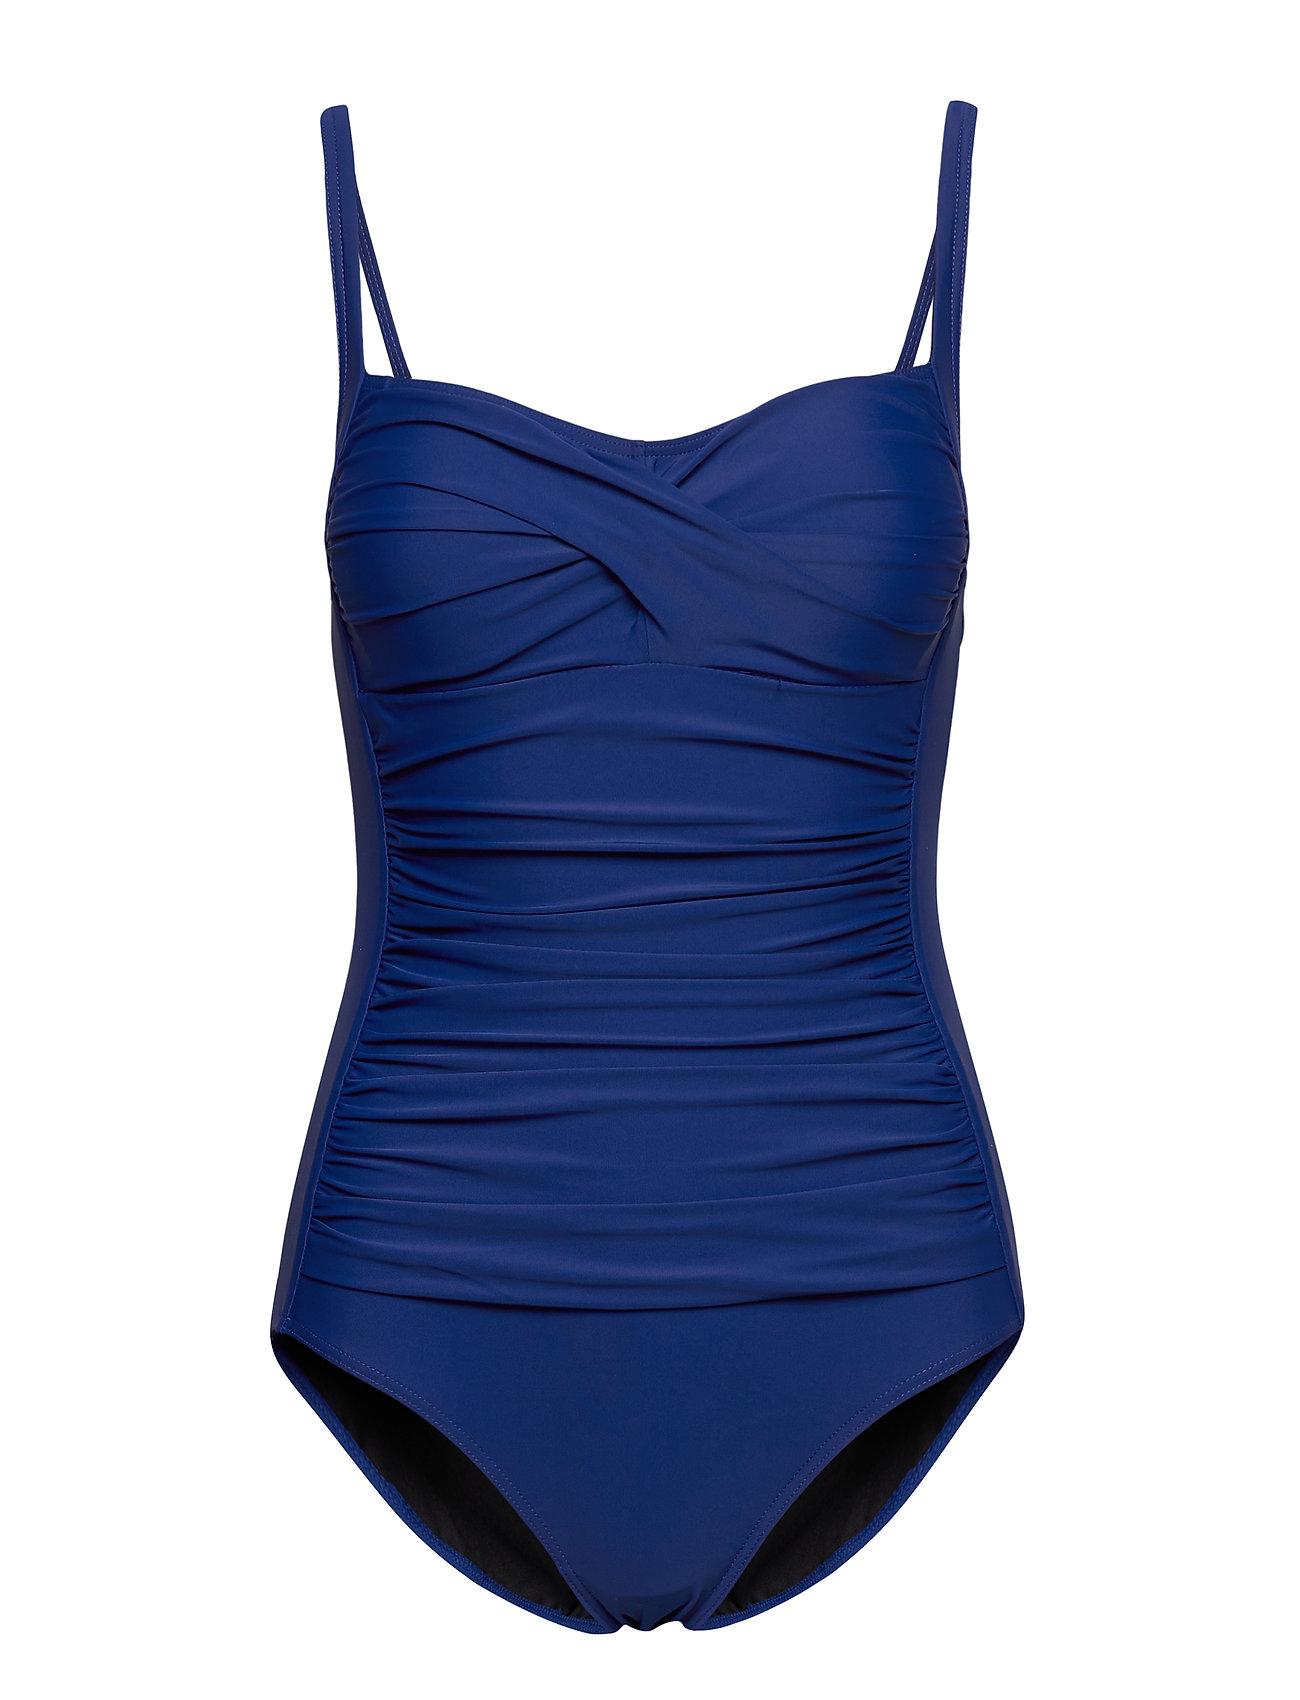 Image of Argentina Swimsuit Badedragt Badetøj Blå Missya (3511023423)